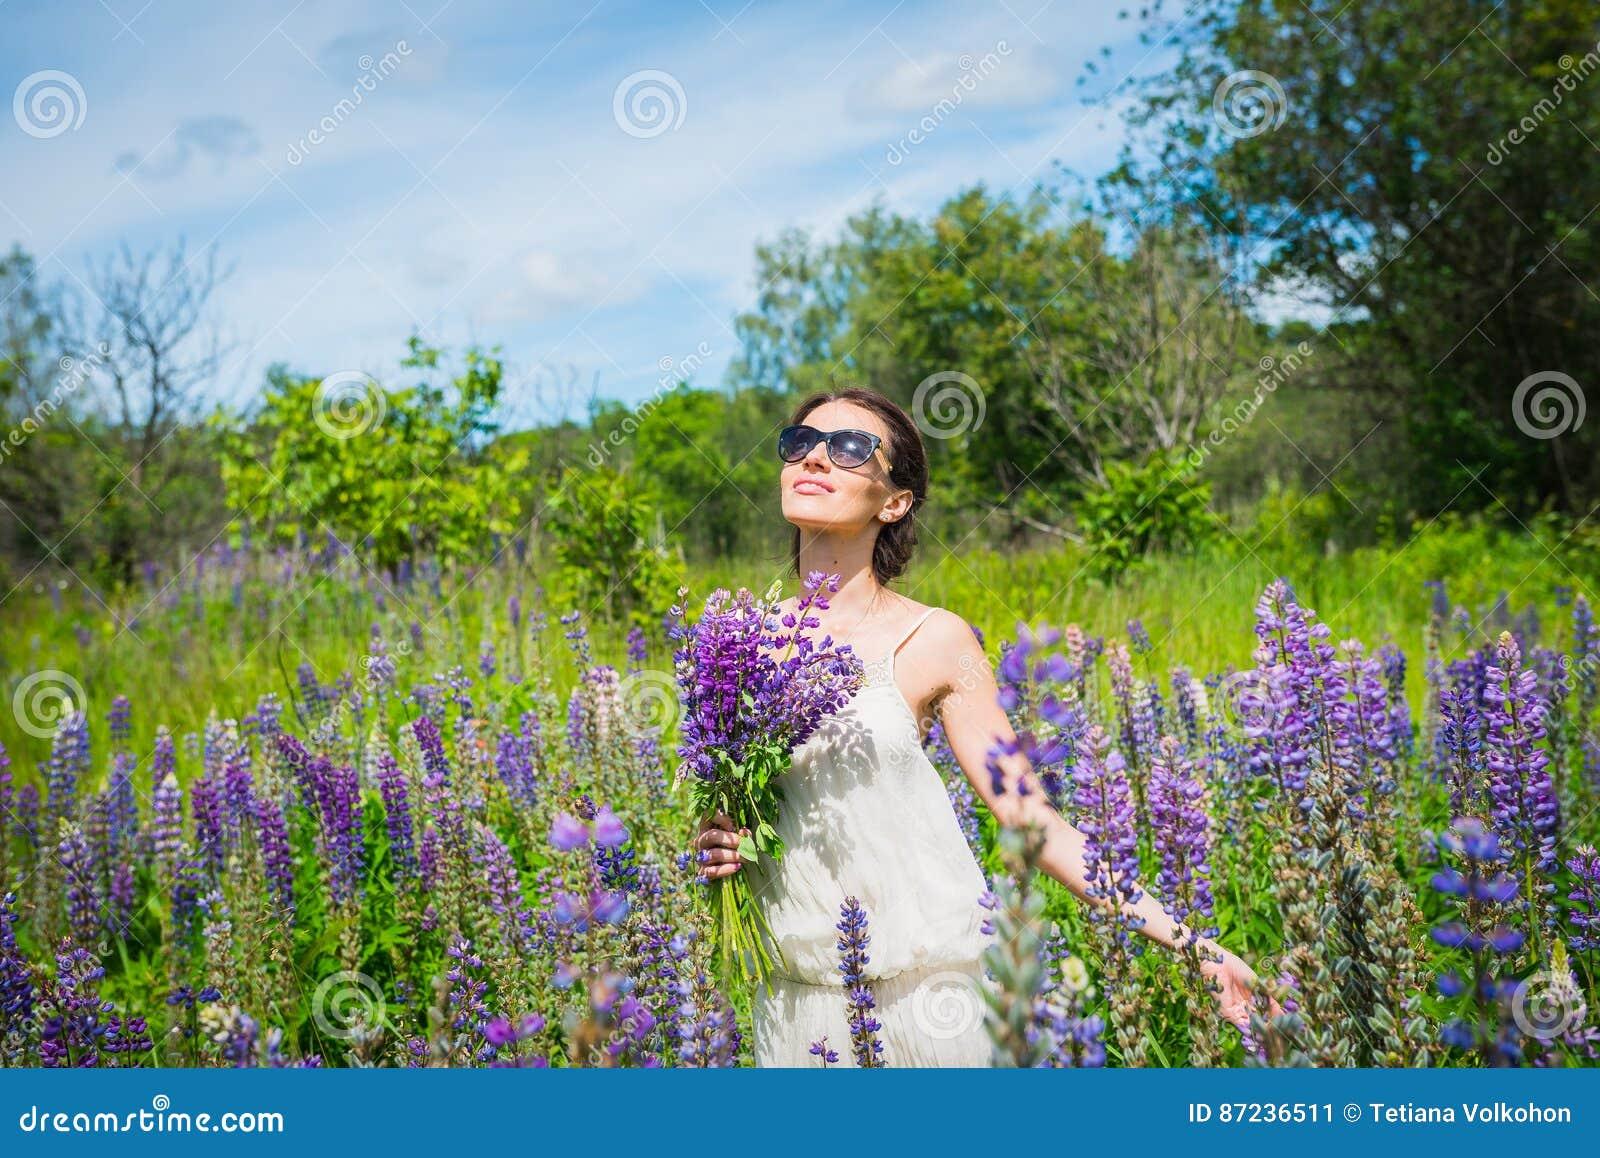 Junge Frau, glücklich, Stellung unter dem Feld von violetten Lupines, lächelnd, purpurrote Blumen Blauer Himmel auf dem Hintergru